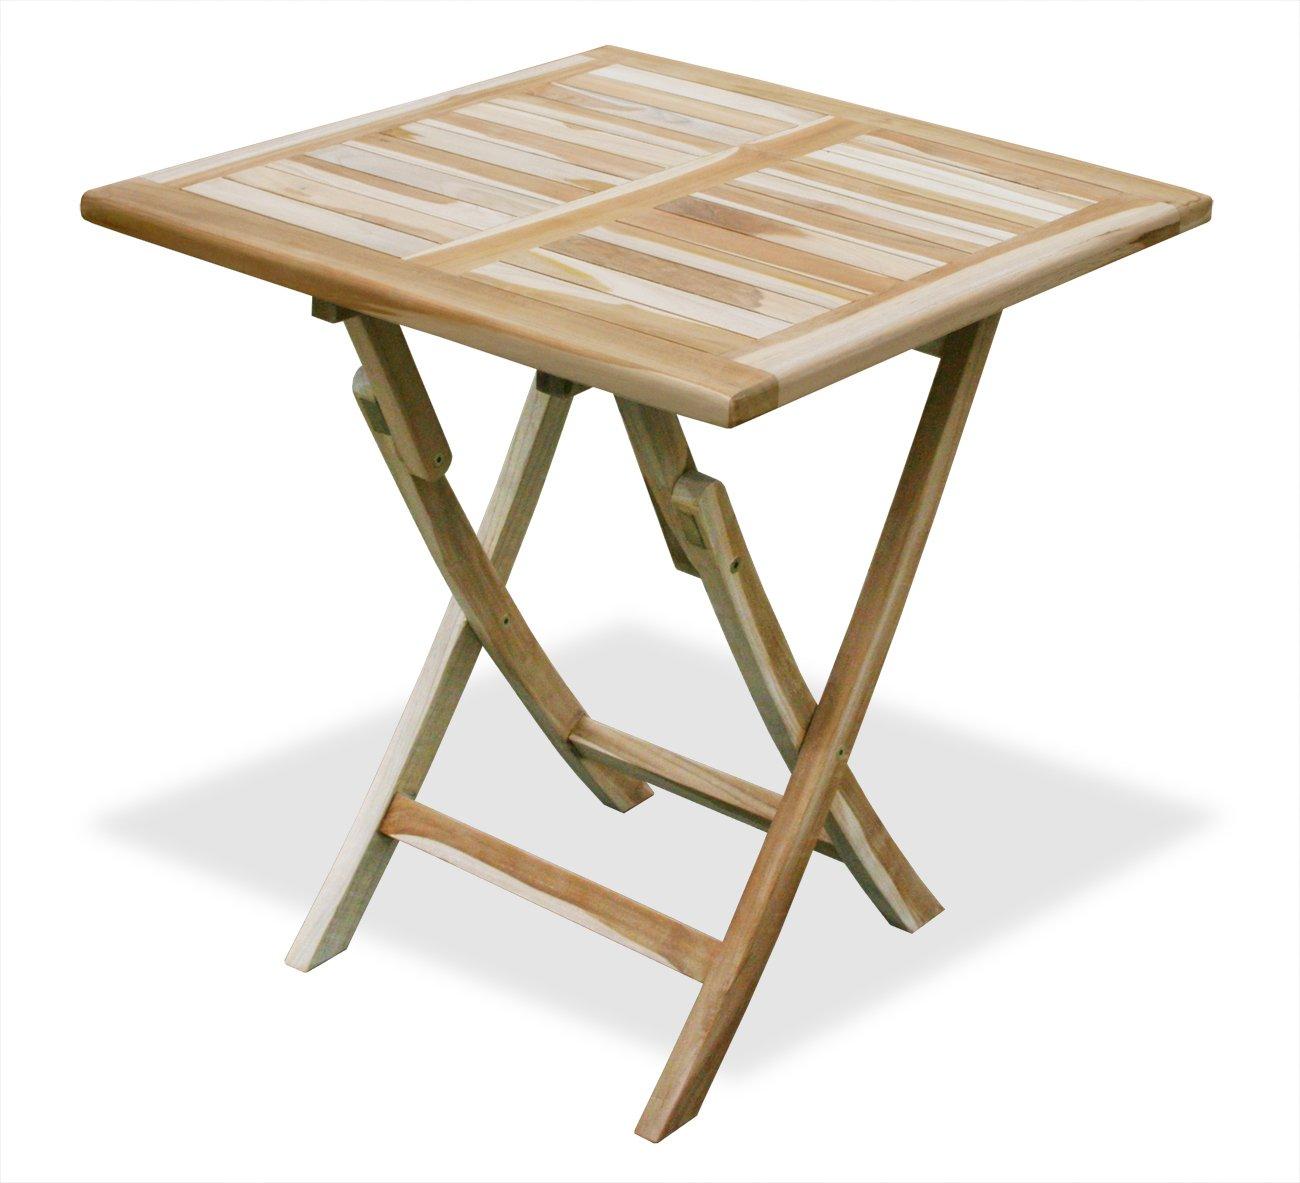 KMH®, Klapp – Tisch / Beistelltisch – ECHT TEAK! (70 x 70 cm) (#102027) jetzt bestellen